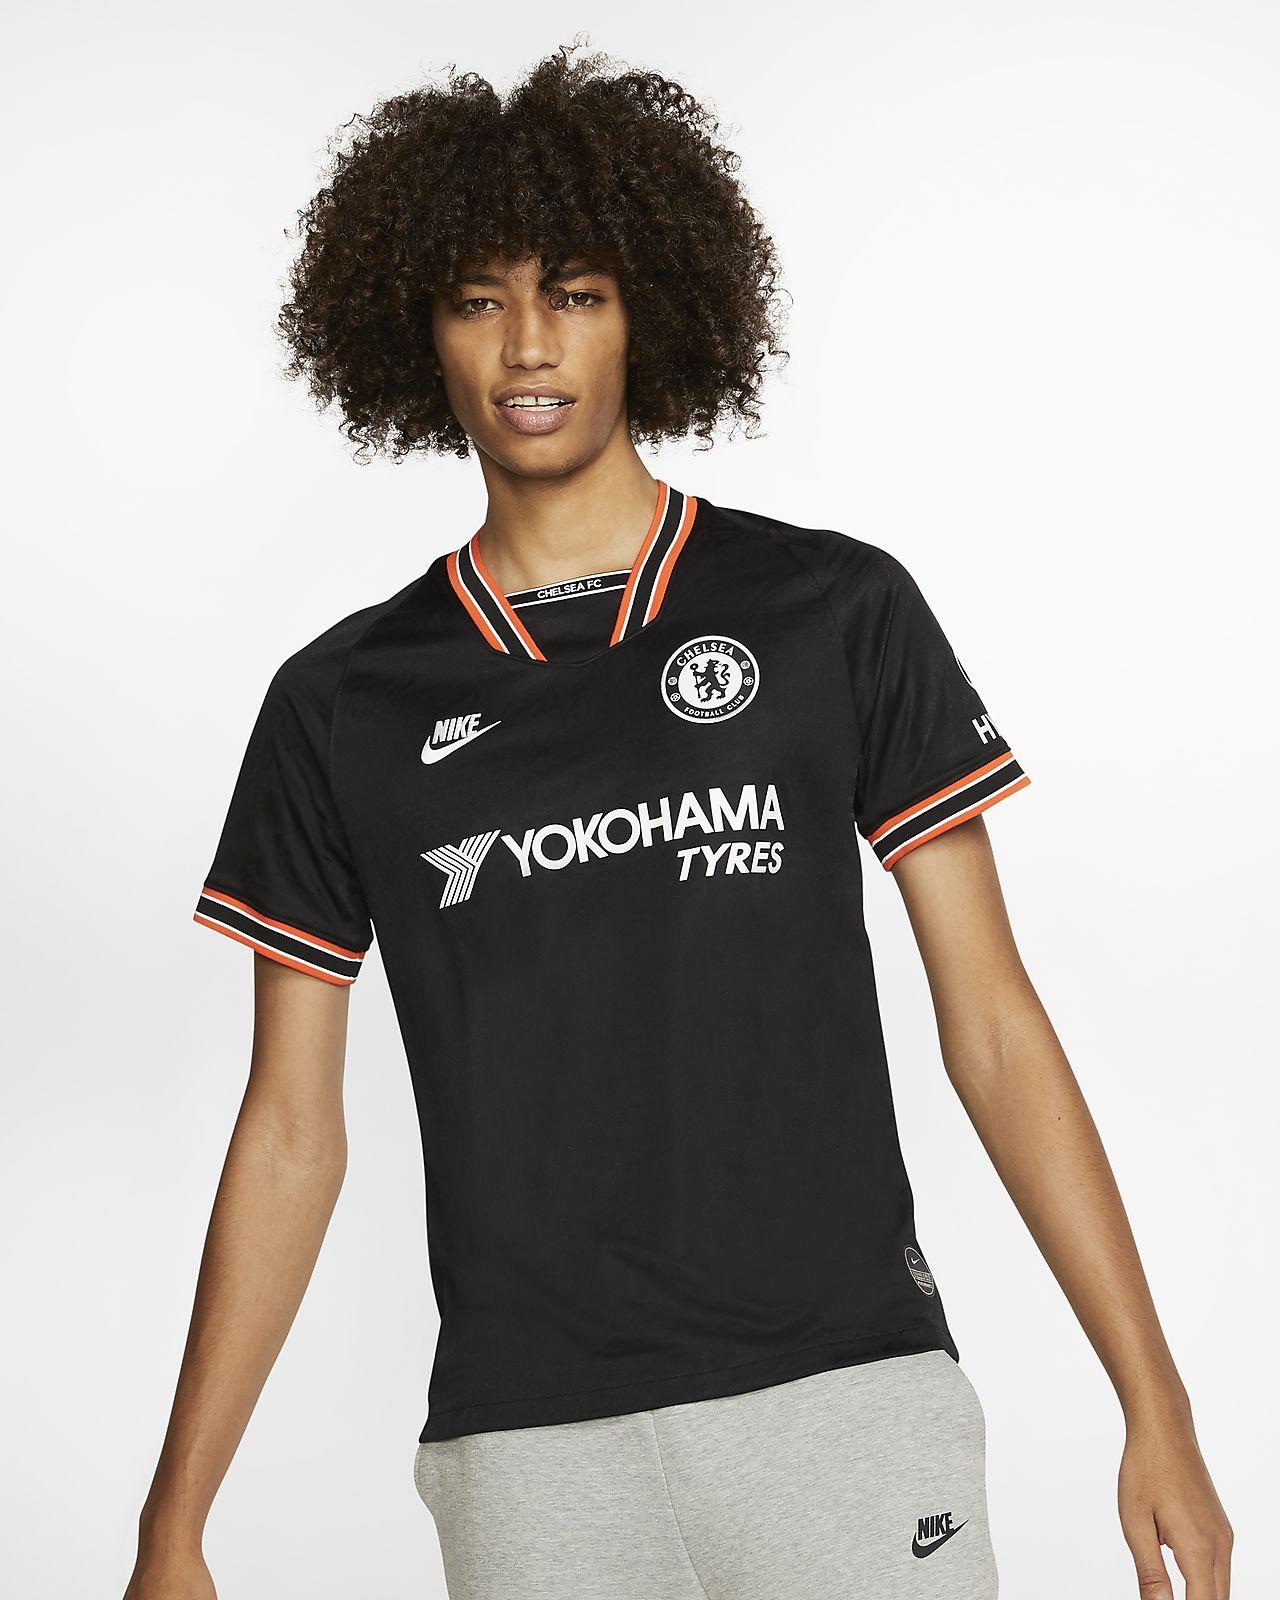 เสื้อแข่งฟุตบอลผู้ชาย Chelsea FC 2019/20 Stadium Third